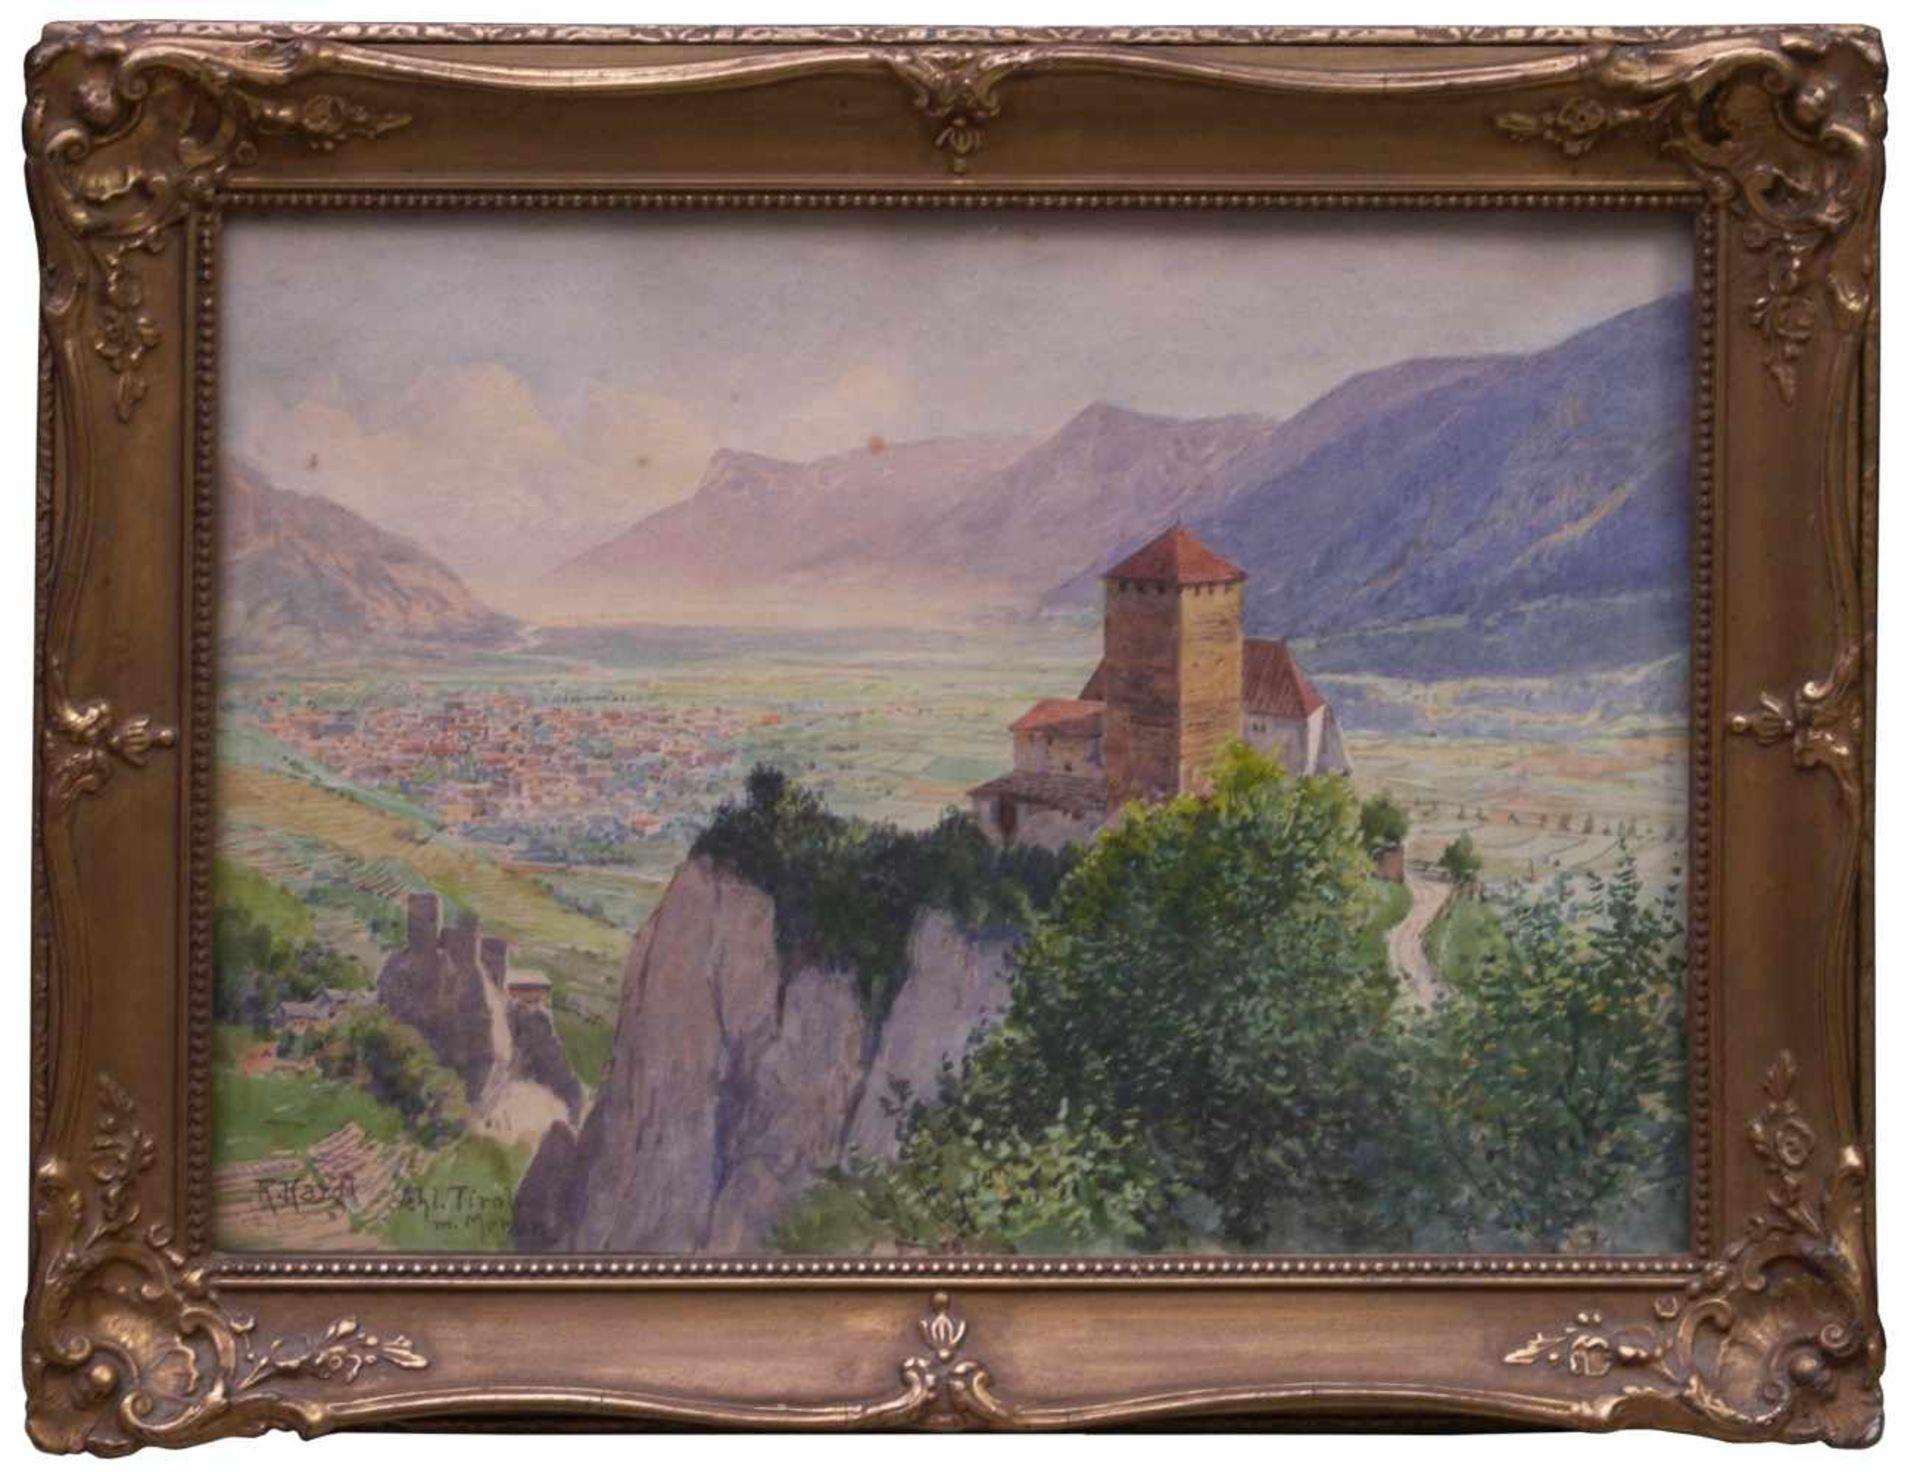 Kargl, Rudolf (1878-1942) - Schloss Tirol mit MeranKleines Querformat, hinter der charakteristischen